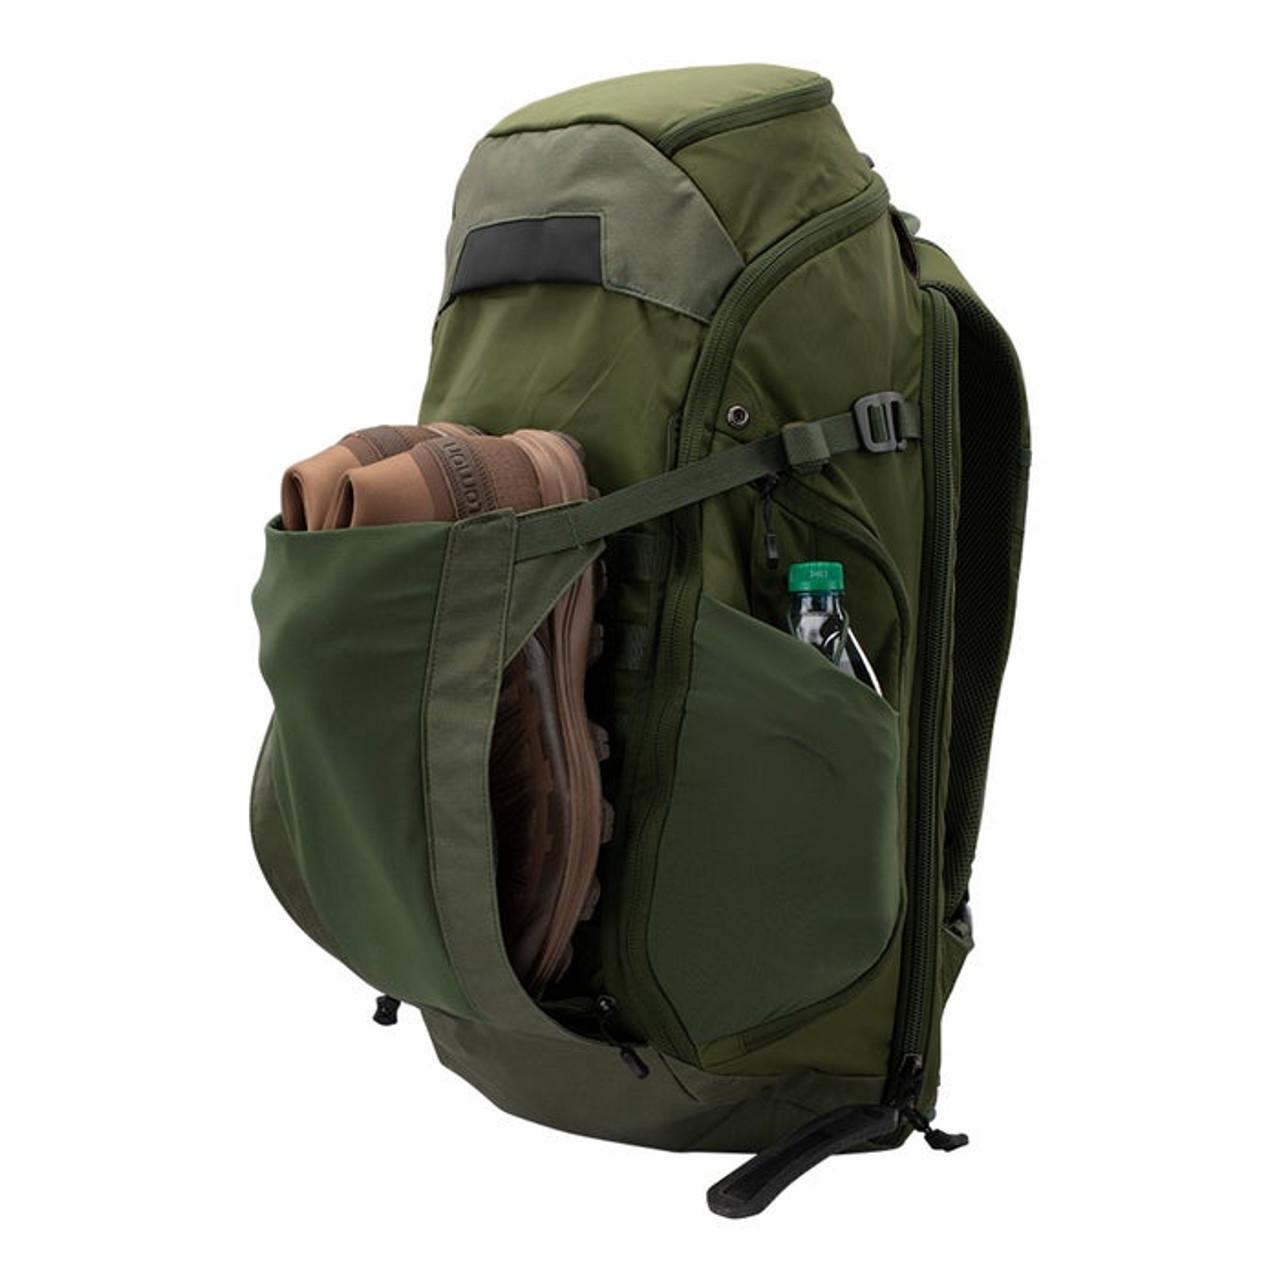 Vertx Gamut Overland Backpack (It's Black)